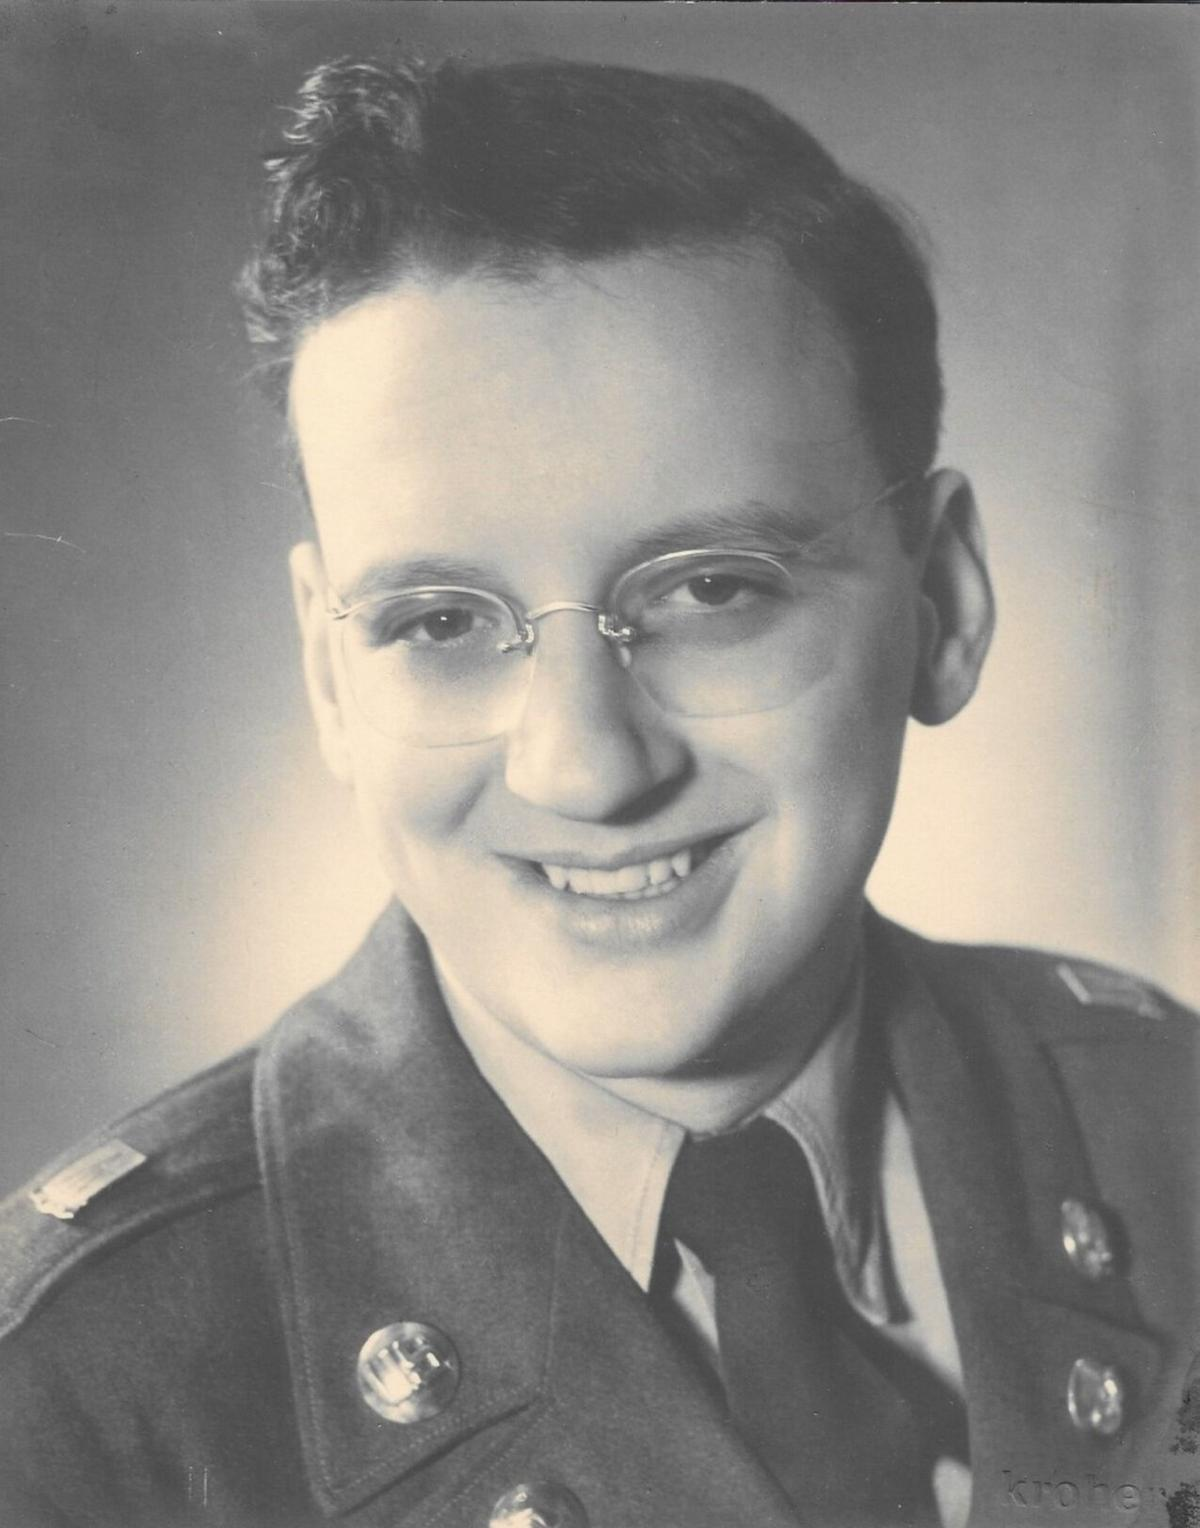 Joseph J. Shene